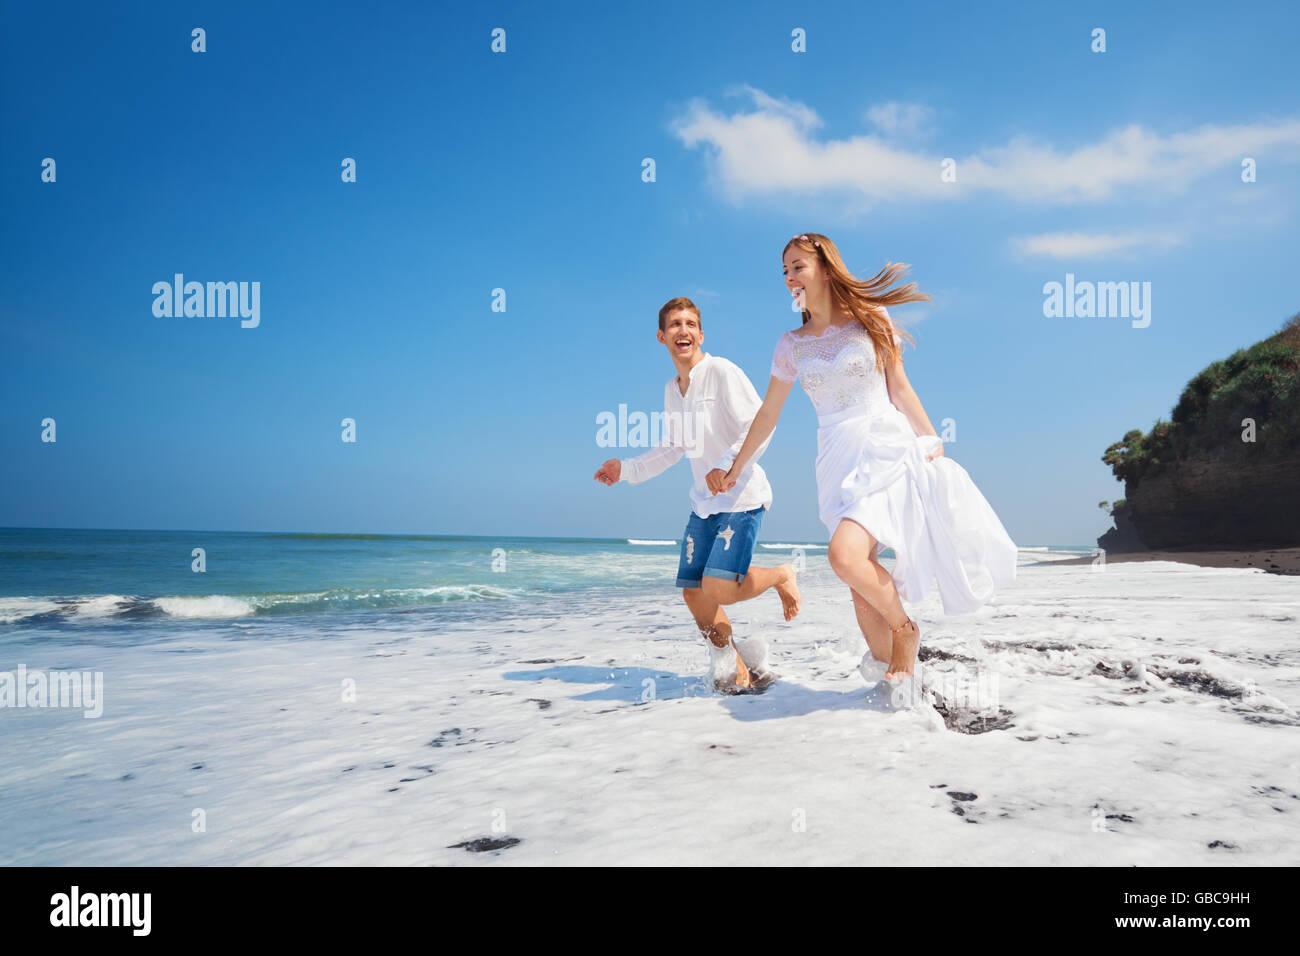 Feliz familia recién casados en luna de miel, vacaciones - recién casada pareja enamorada ejecutar con Imagen De Stock